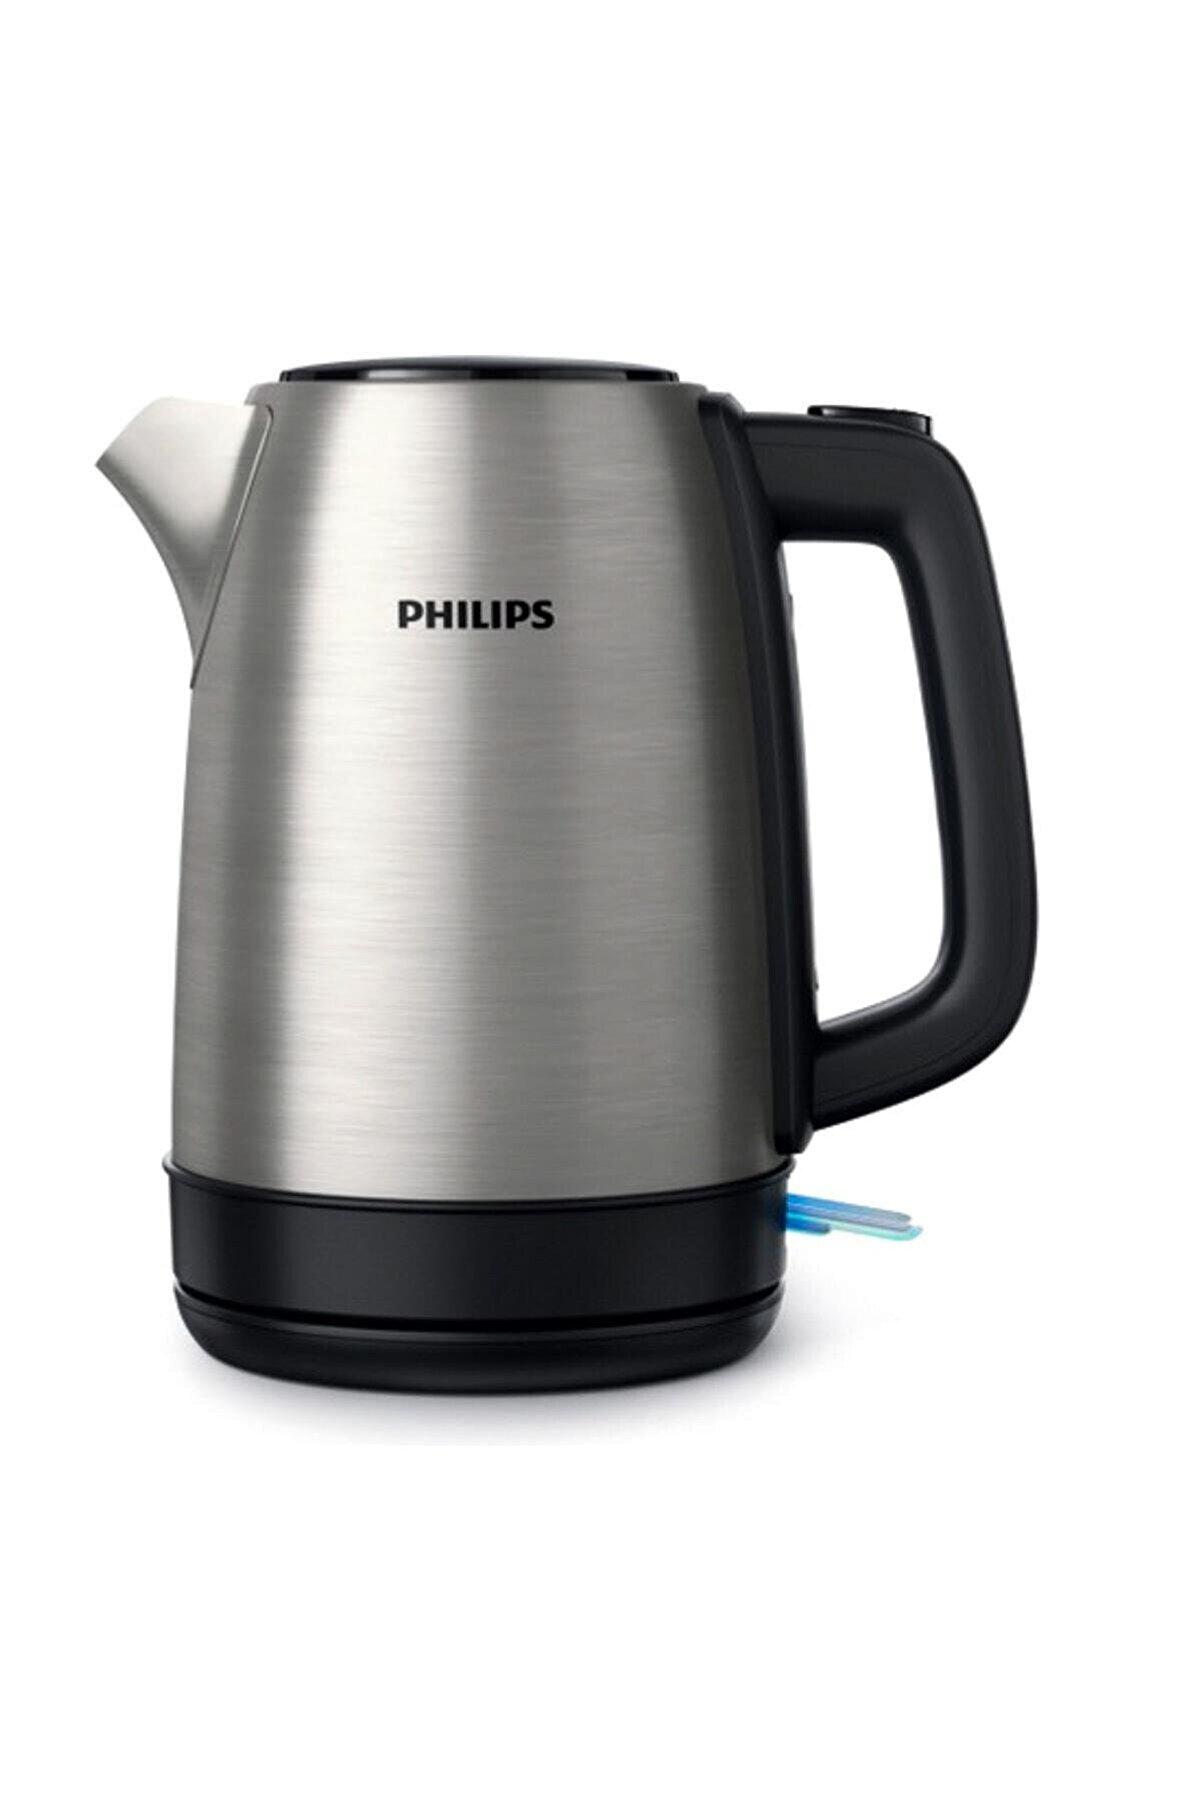 Philips Daily Collection Su Isıtıcı HD-9350/90